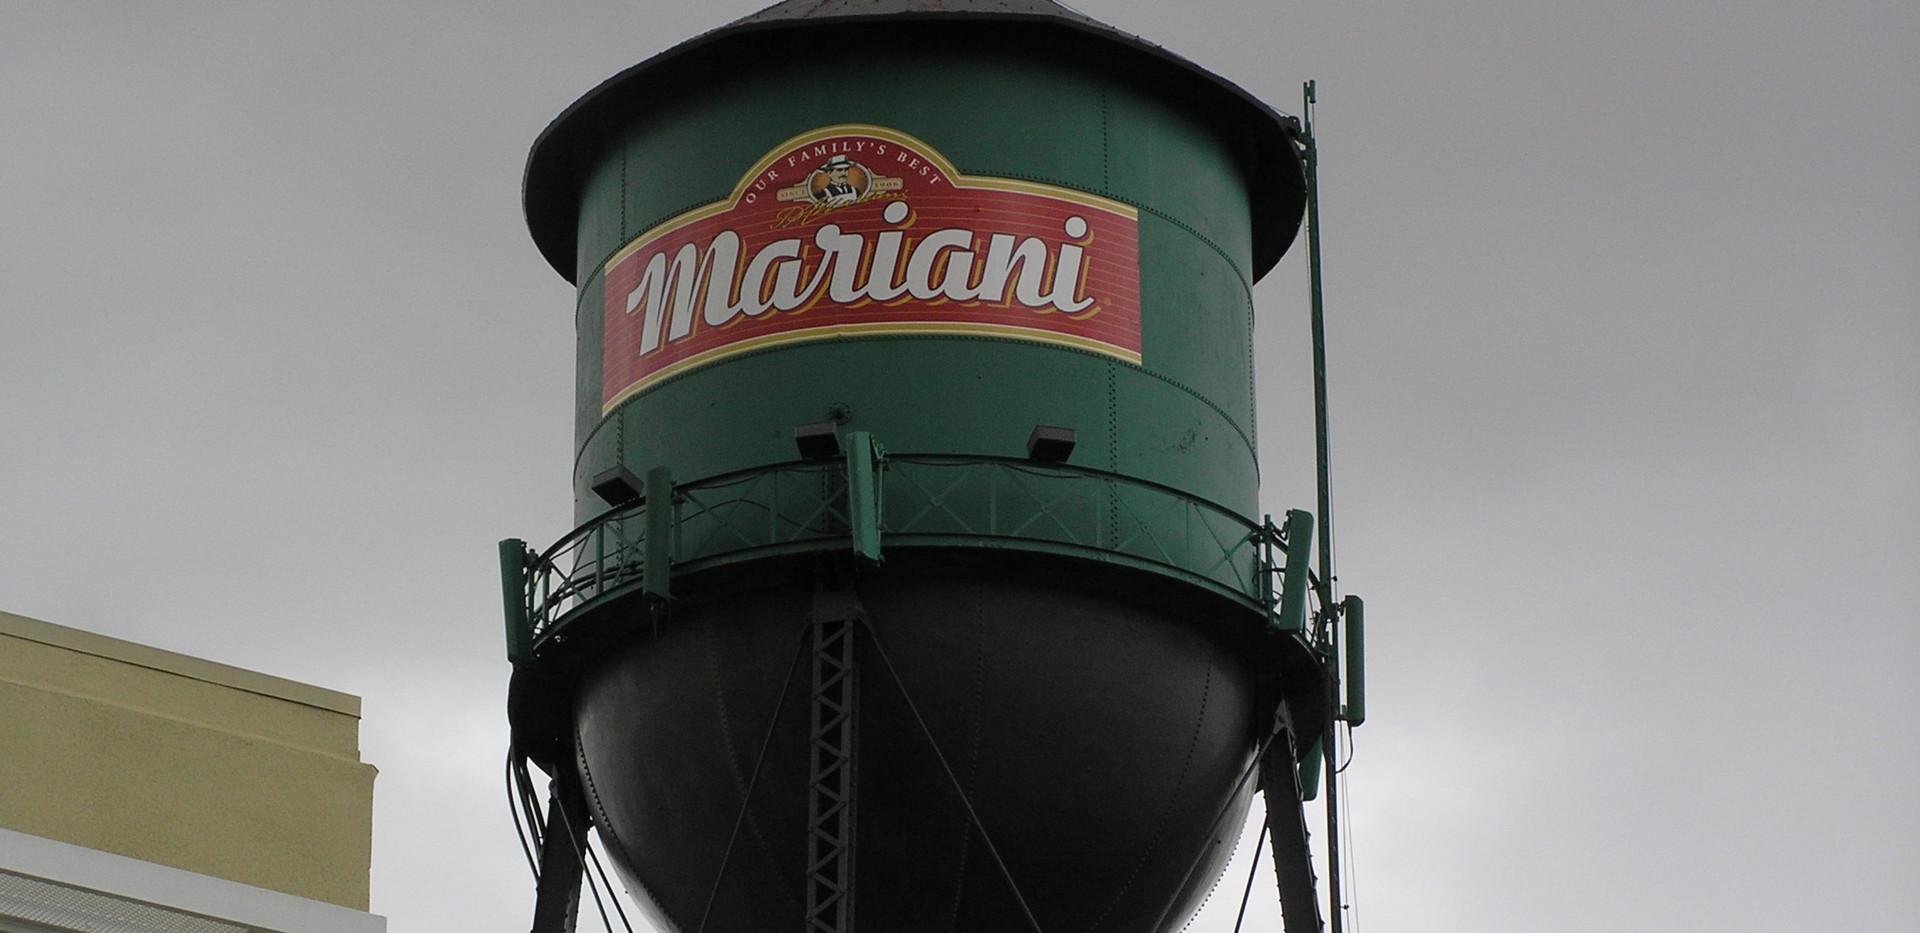 Mariani Tower.jpg